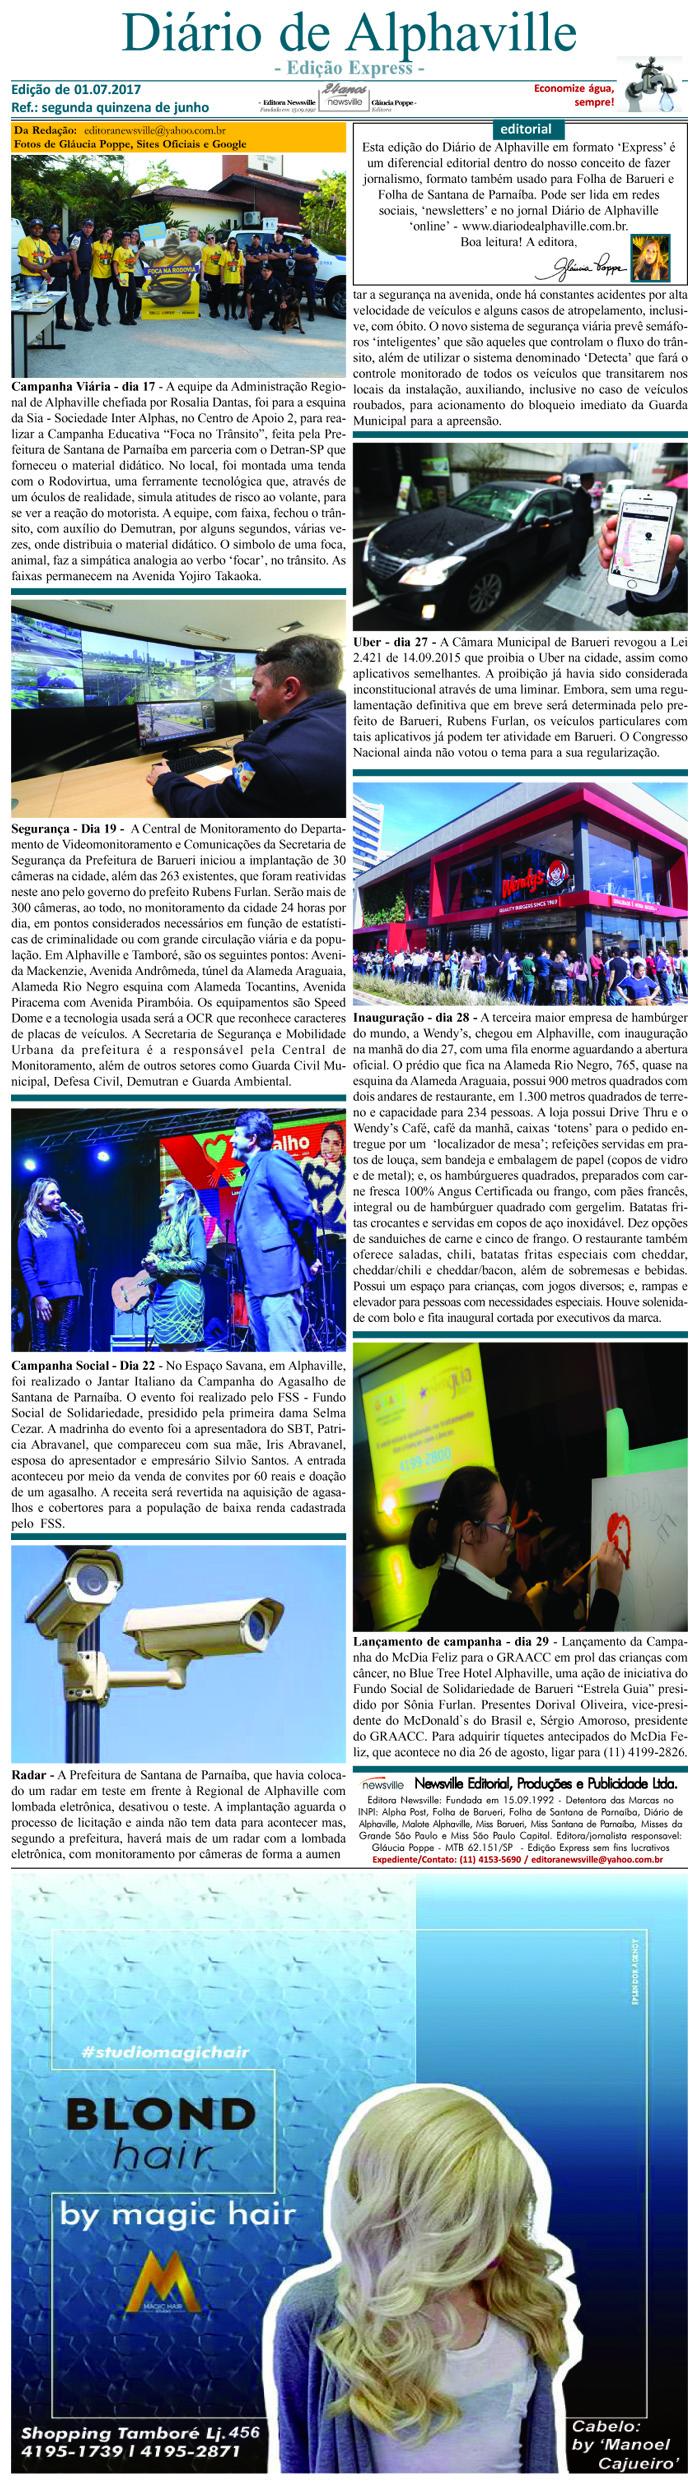 Diário. Express.junho17 copy